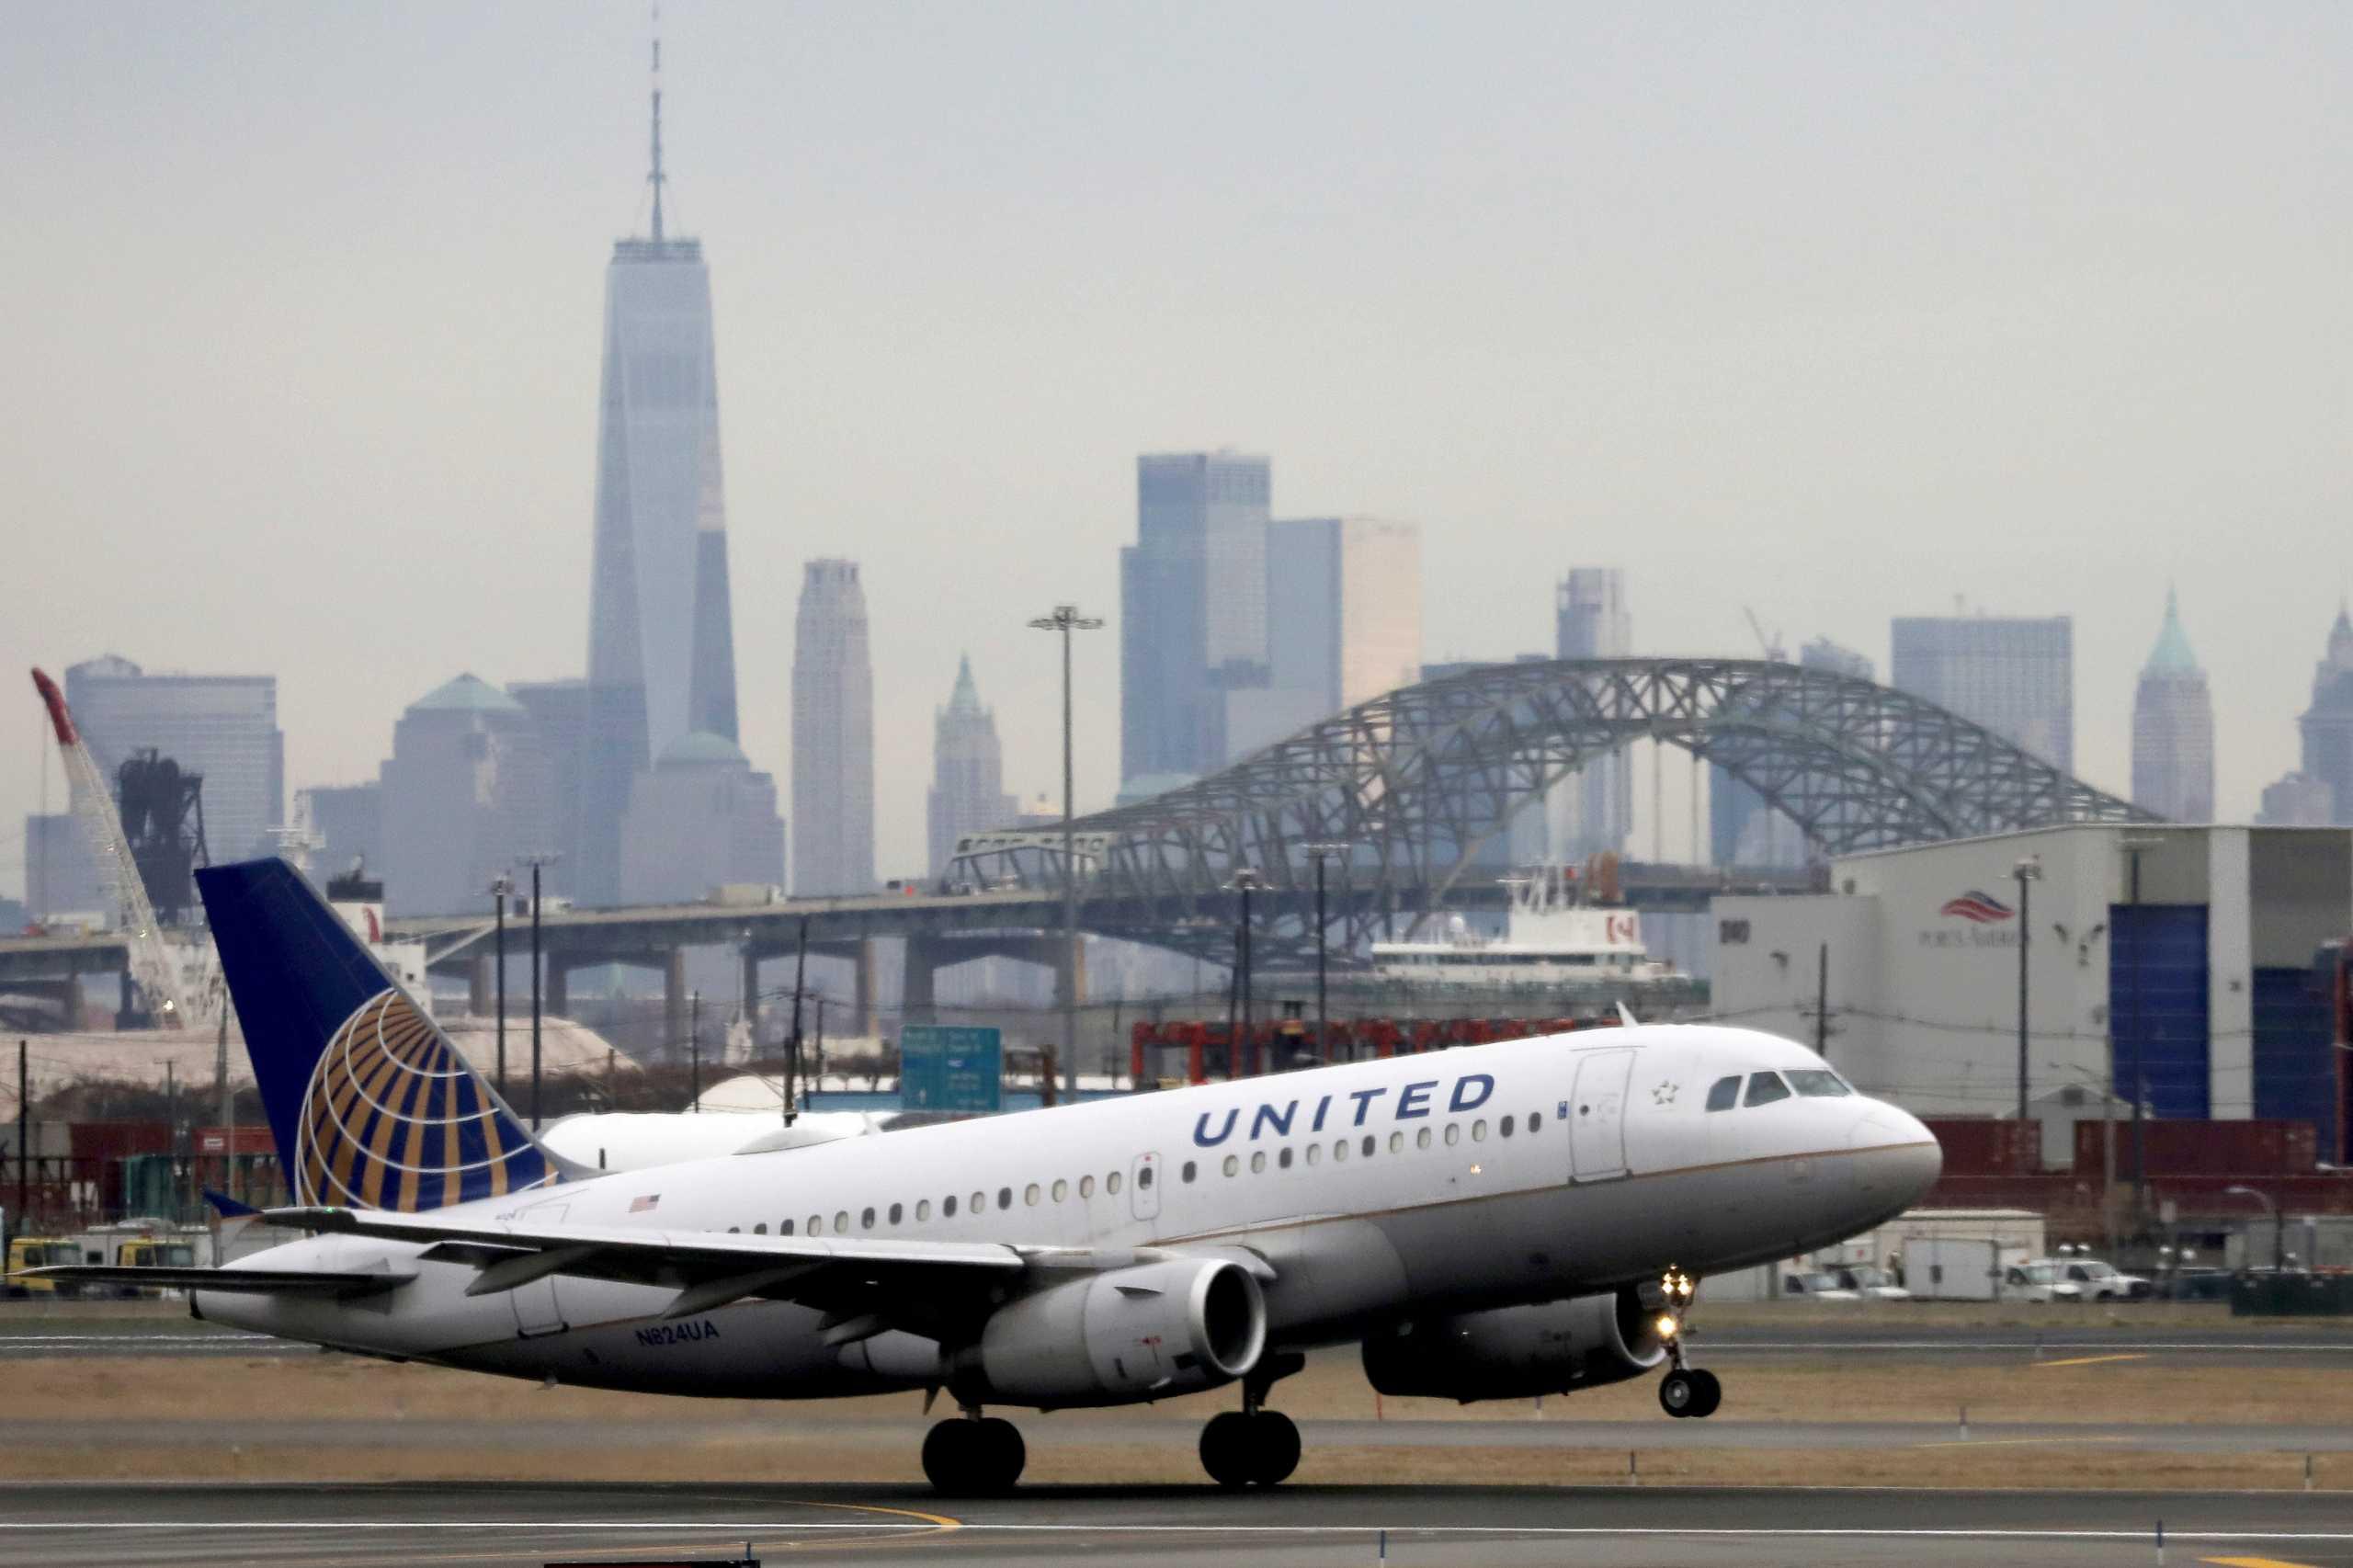 Κορονοϊός – ΗΠΑ: Η United Airlines απολύει όσους δεν εμβολιάστηκαν κατά της Covid-19